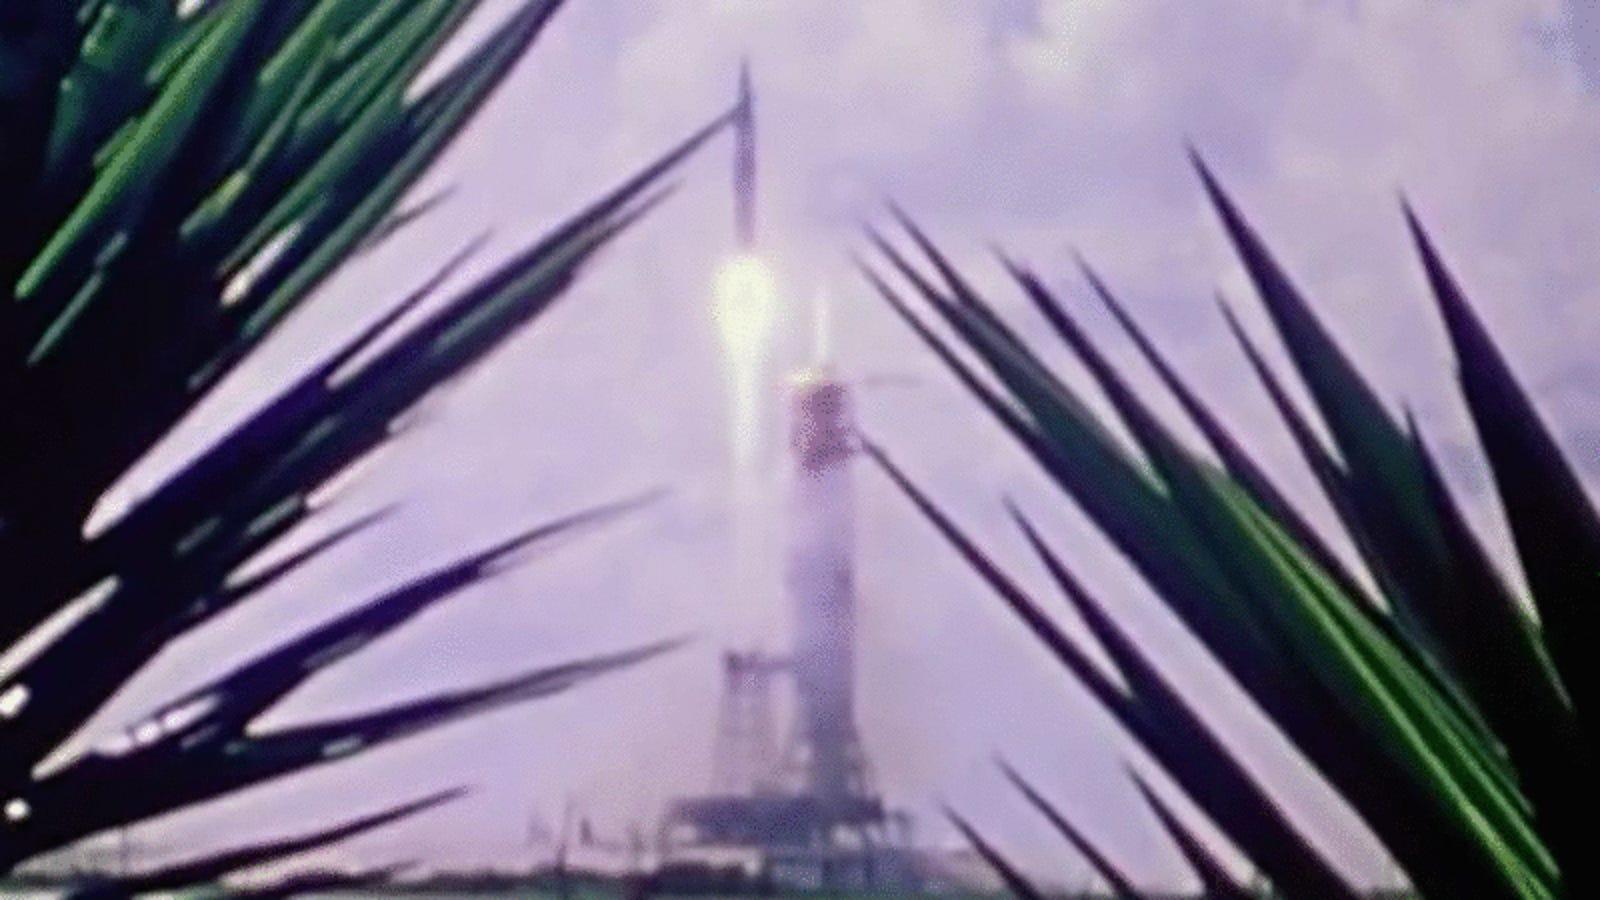 Las 15 misiones más famosas y espectaculares de la historia espacial, resumidas en un solo vídeo